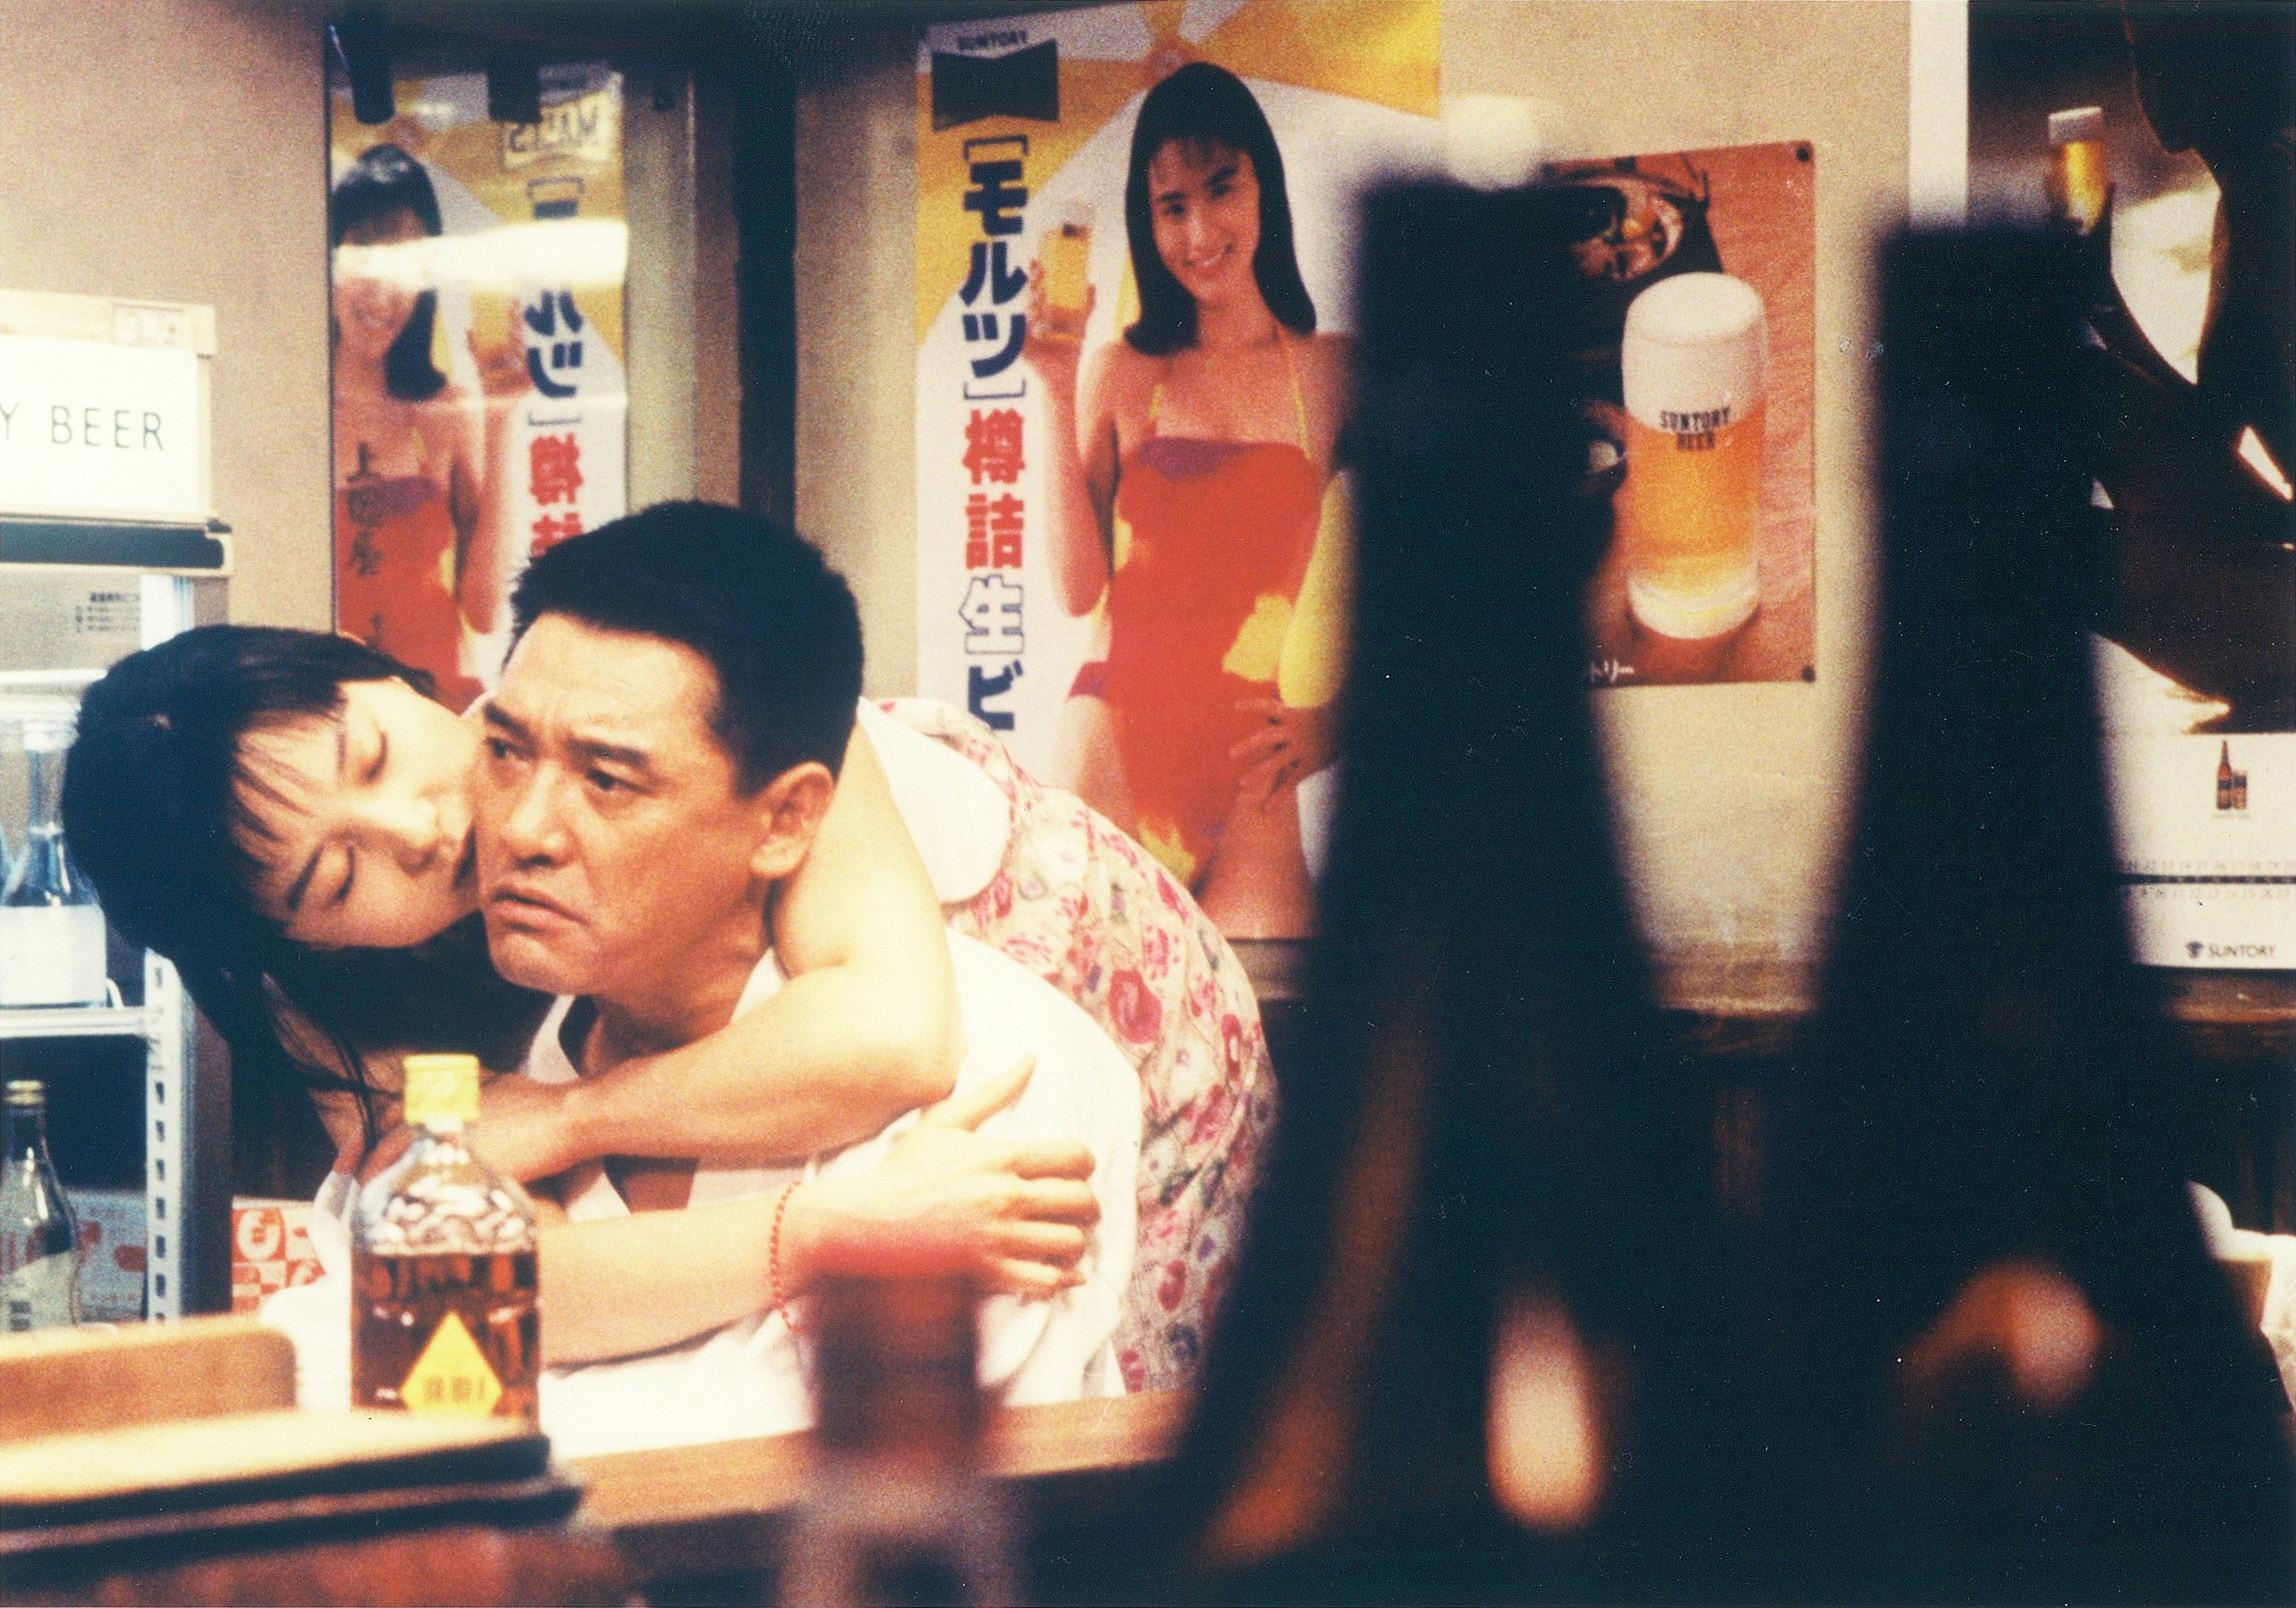 『居酒屋ゆうれい』 (C)1994 電通アドギア/テレビ朝日/東北新社/キティ・フィルム